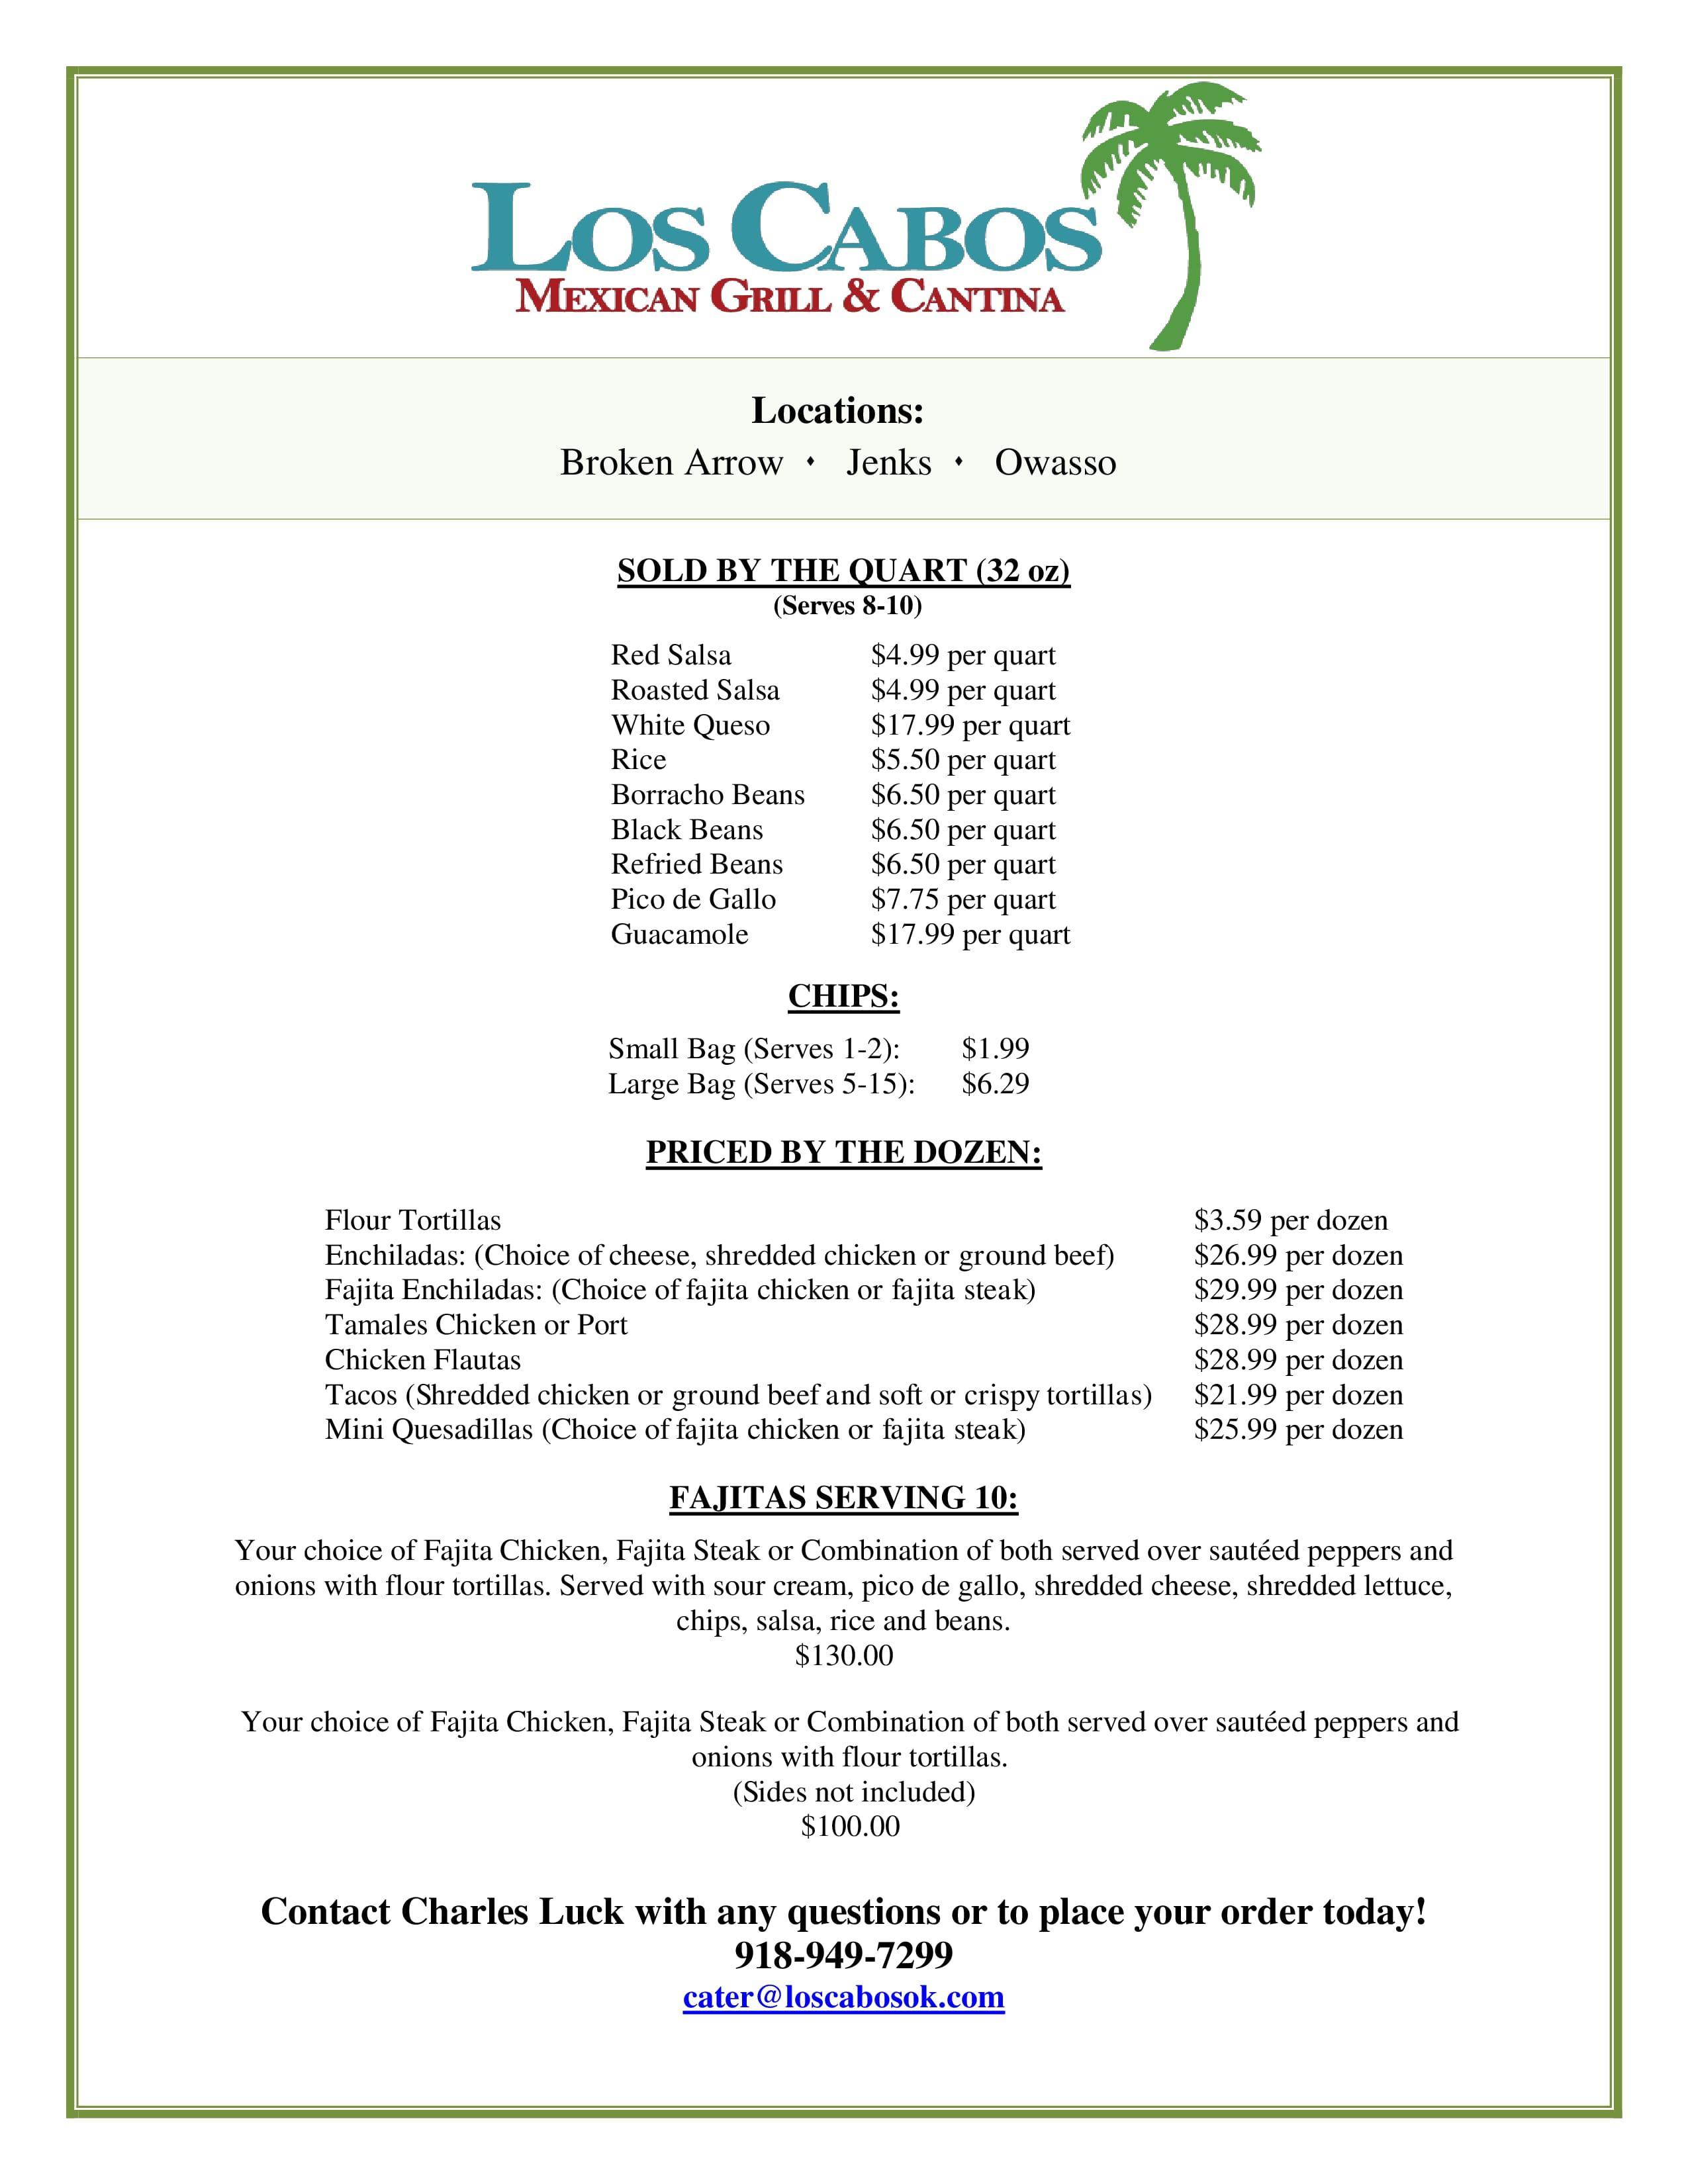 Los Cabos Restaurants Menu